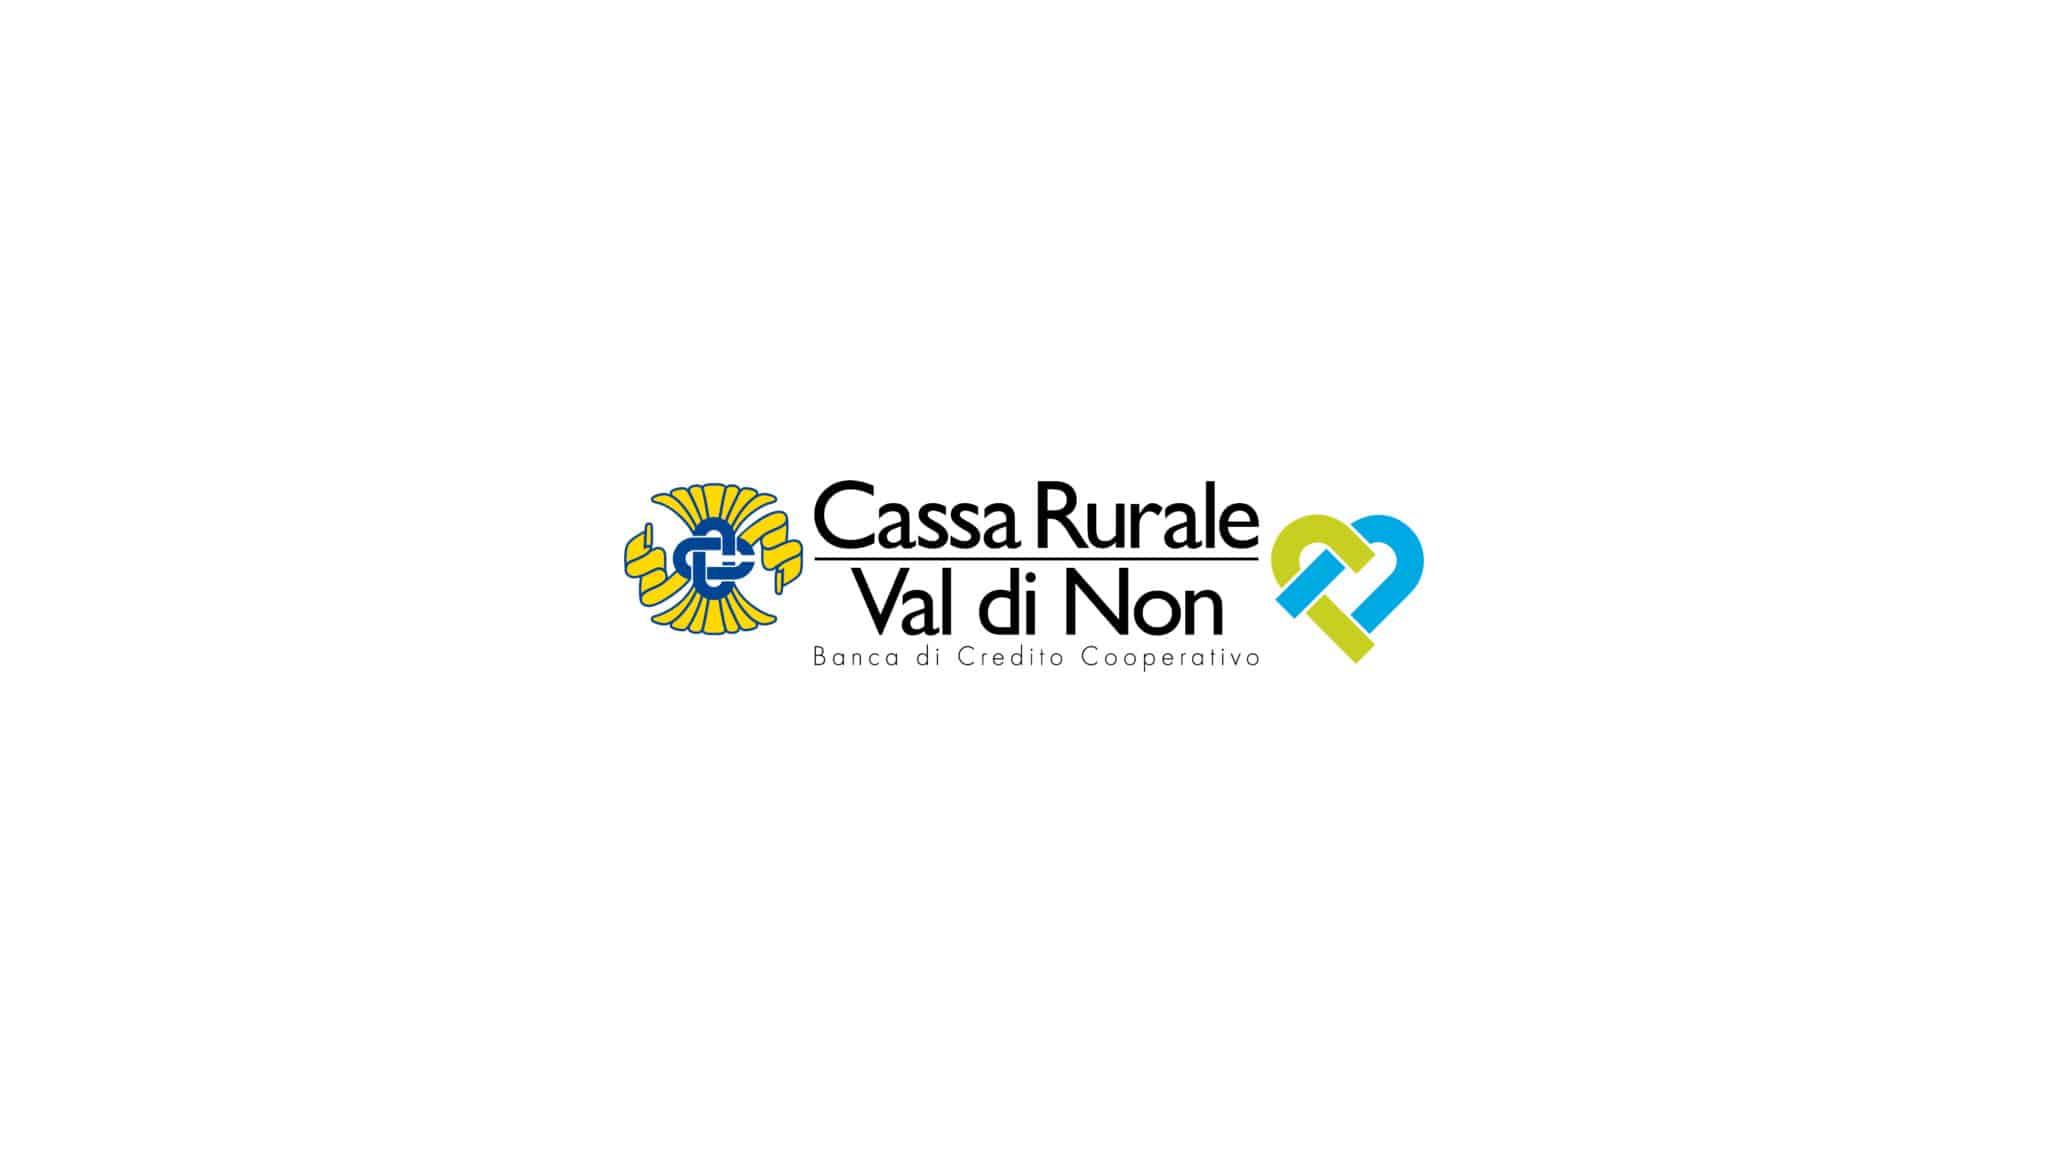 Cassa Rurale Val di Non - logo